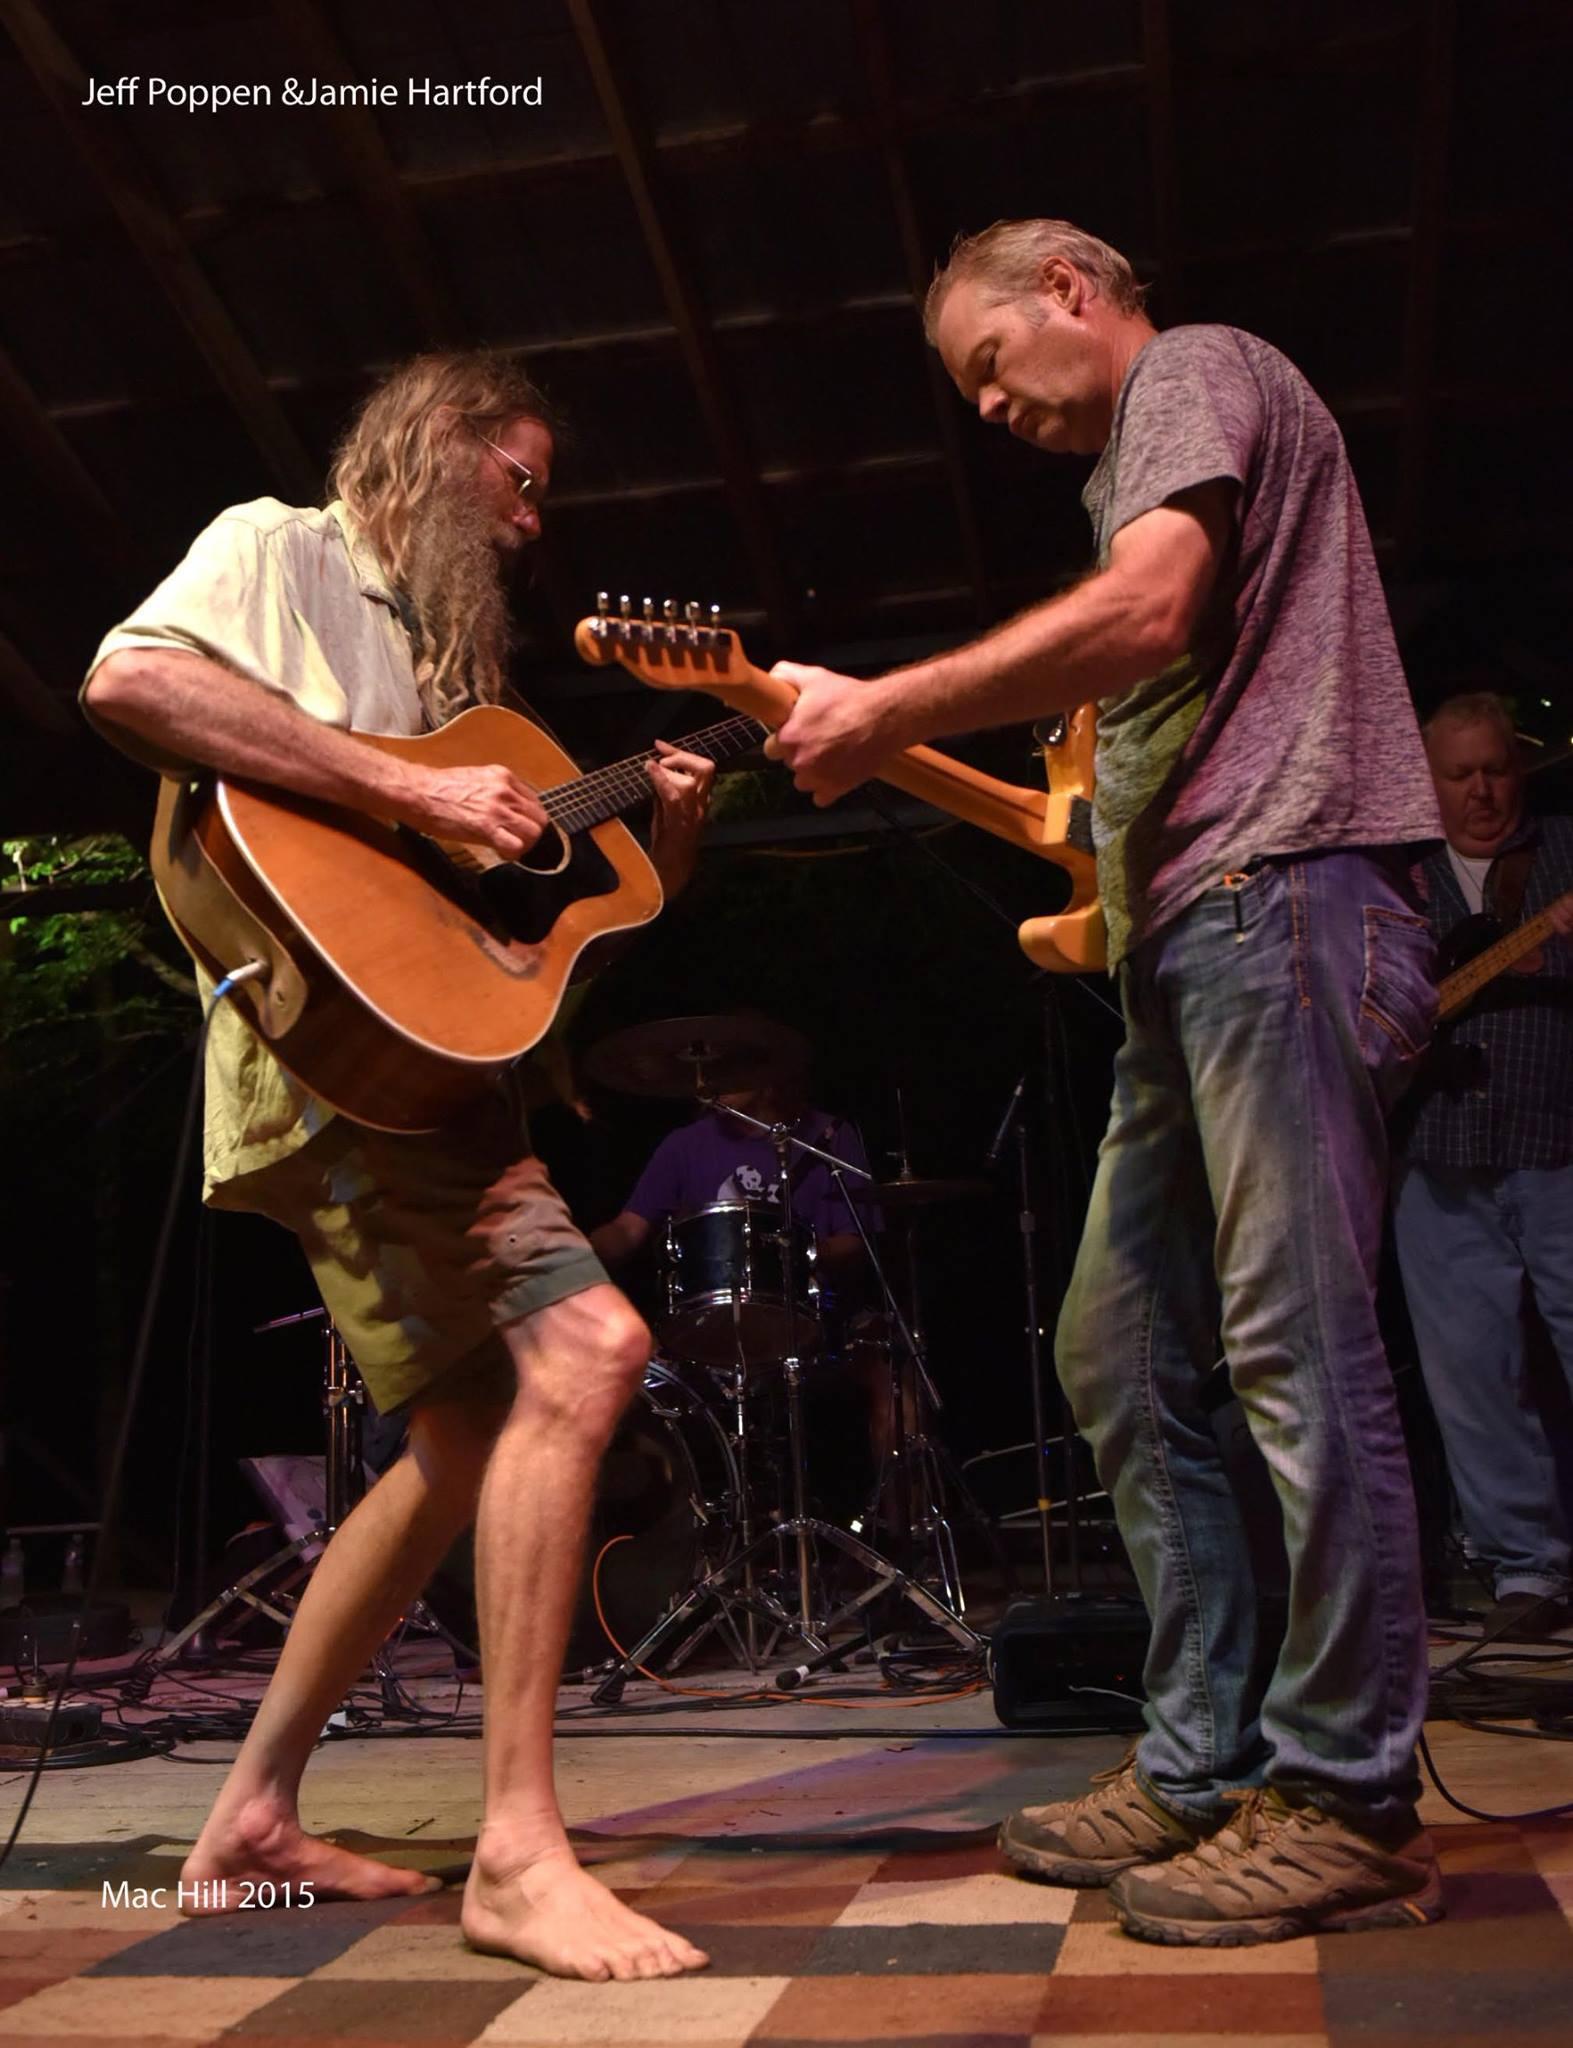 jamie hartford, jeff poppen, barefoot farmer, music, festival